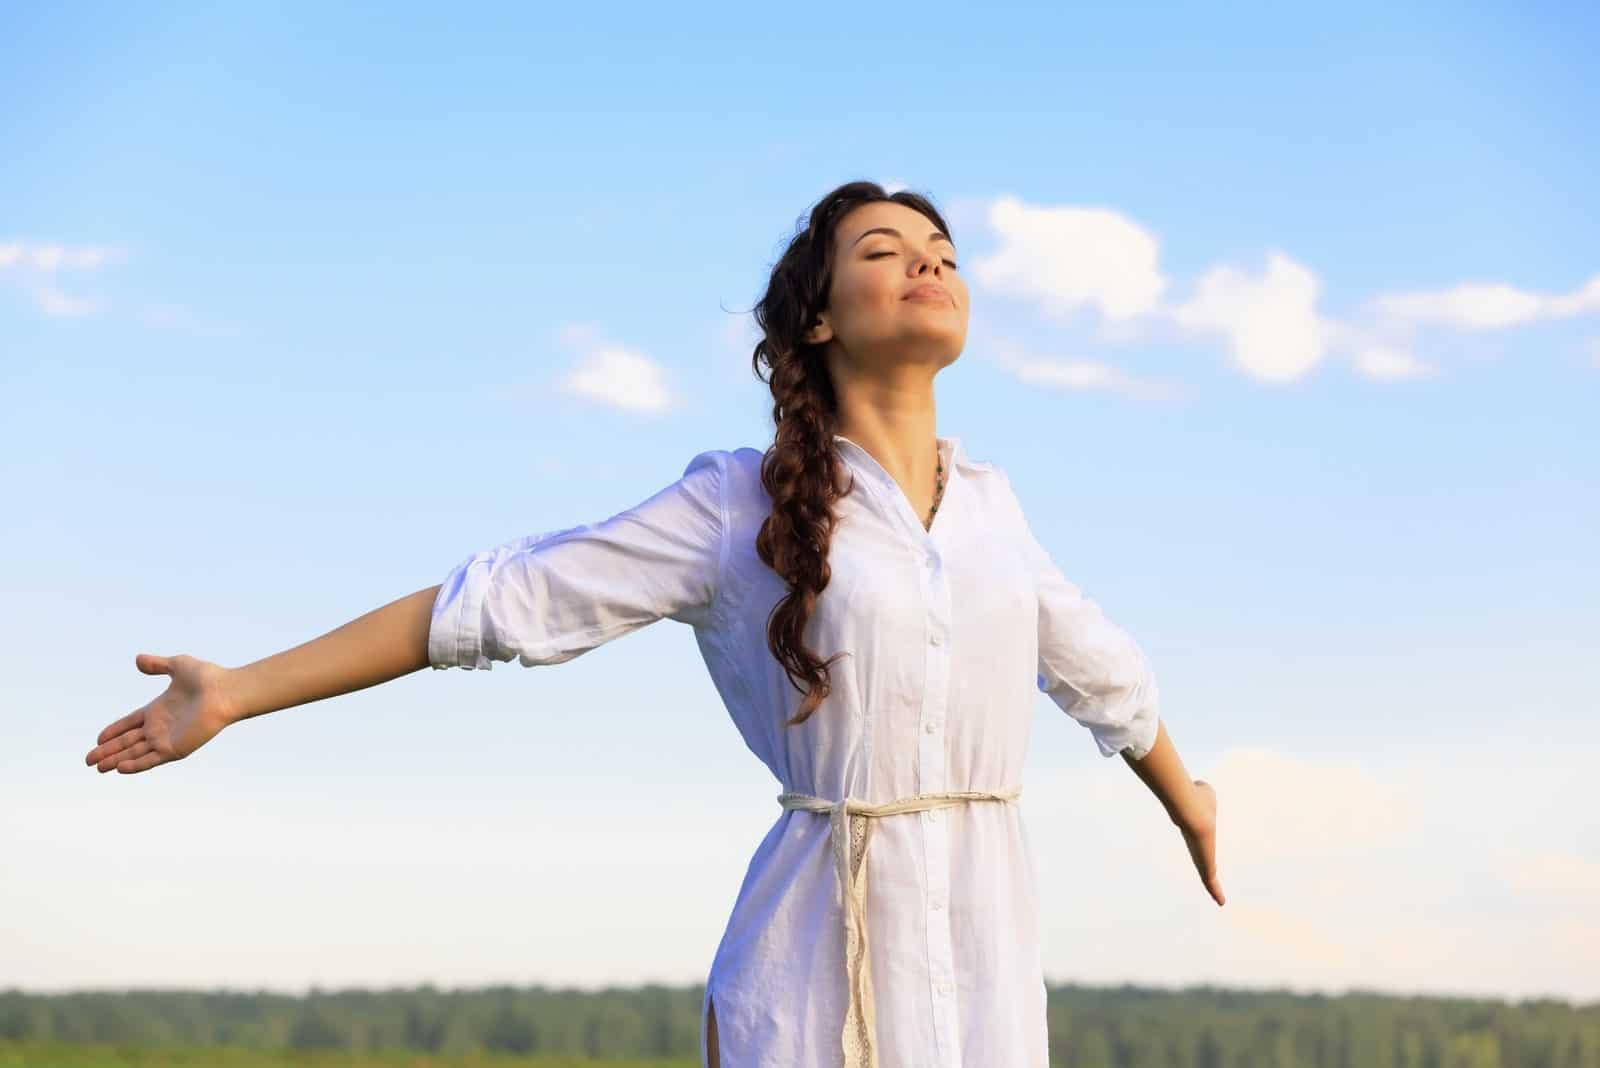 kvinnan står med utsträckta armar